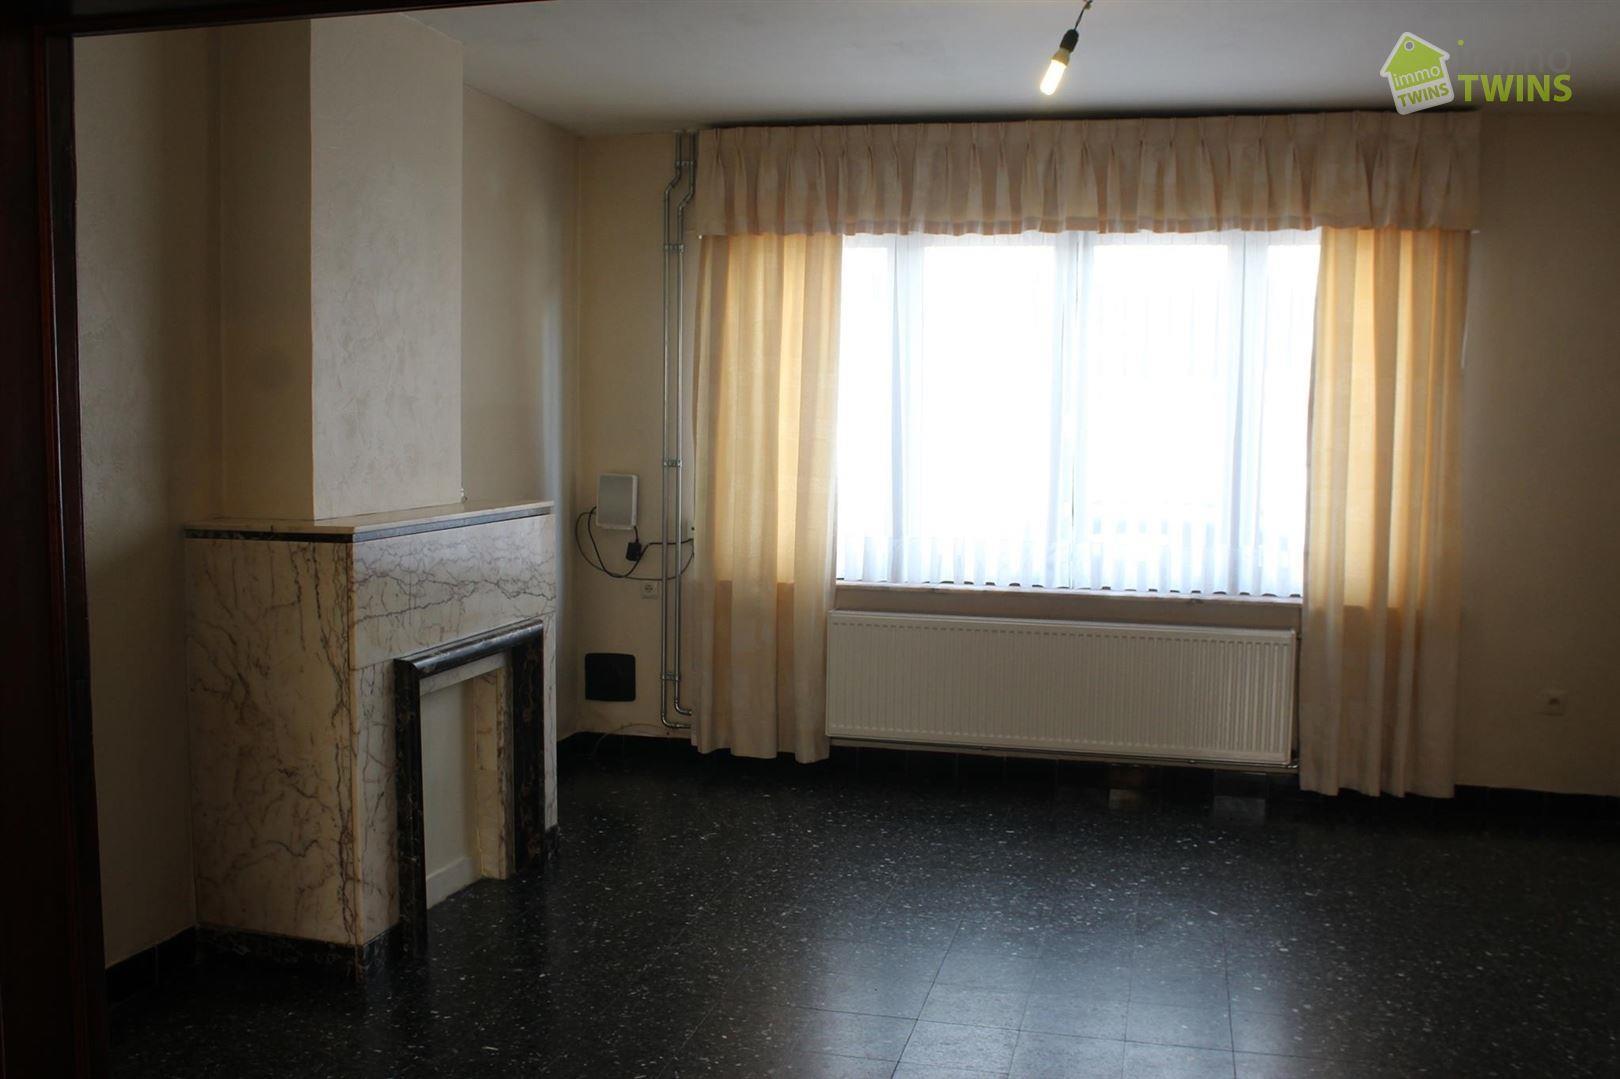 Foto 5 : Woning te 9200 Baasrode (België) - Prijs € 685